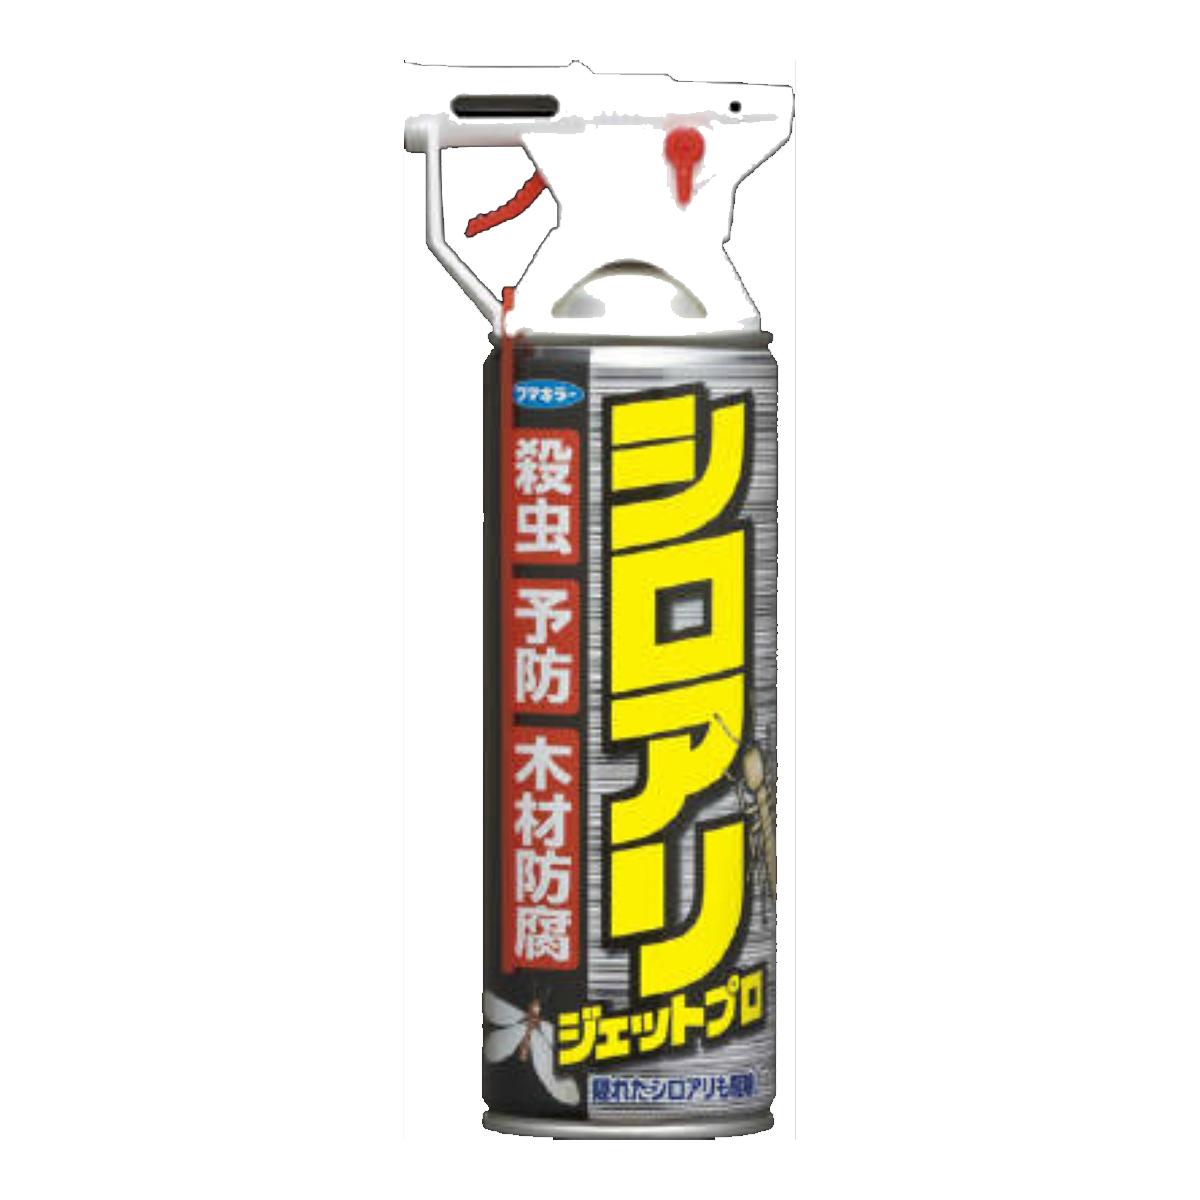 【送料無料】フマキラー シロアリジェットプロ 450ml ( 殺虫剤 シロアリ用 駆除 ) ×20点セット まとめ買い特価!ケース販売 ( 4902424431667 )